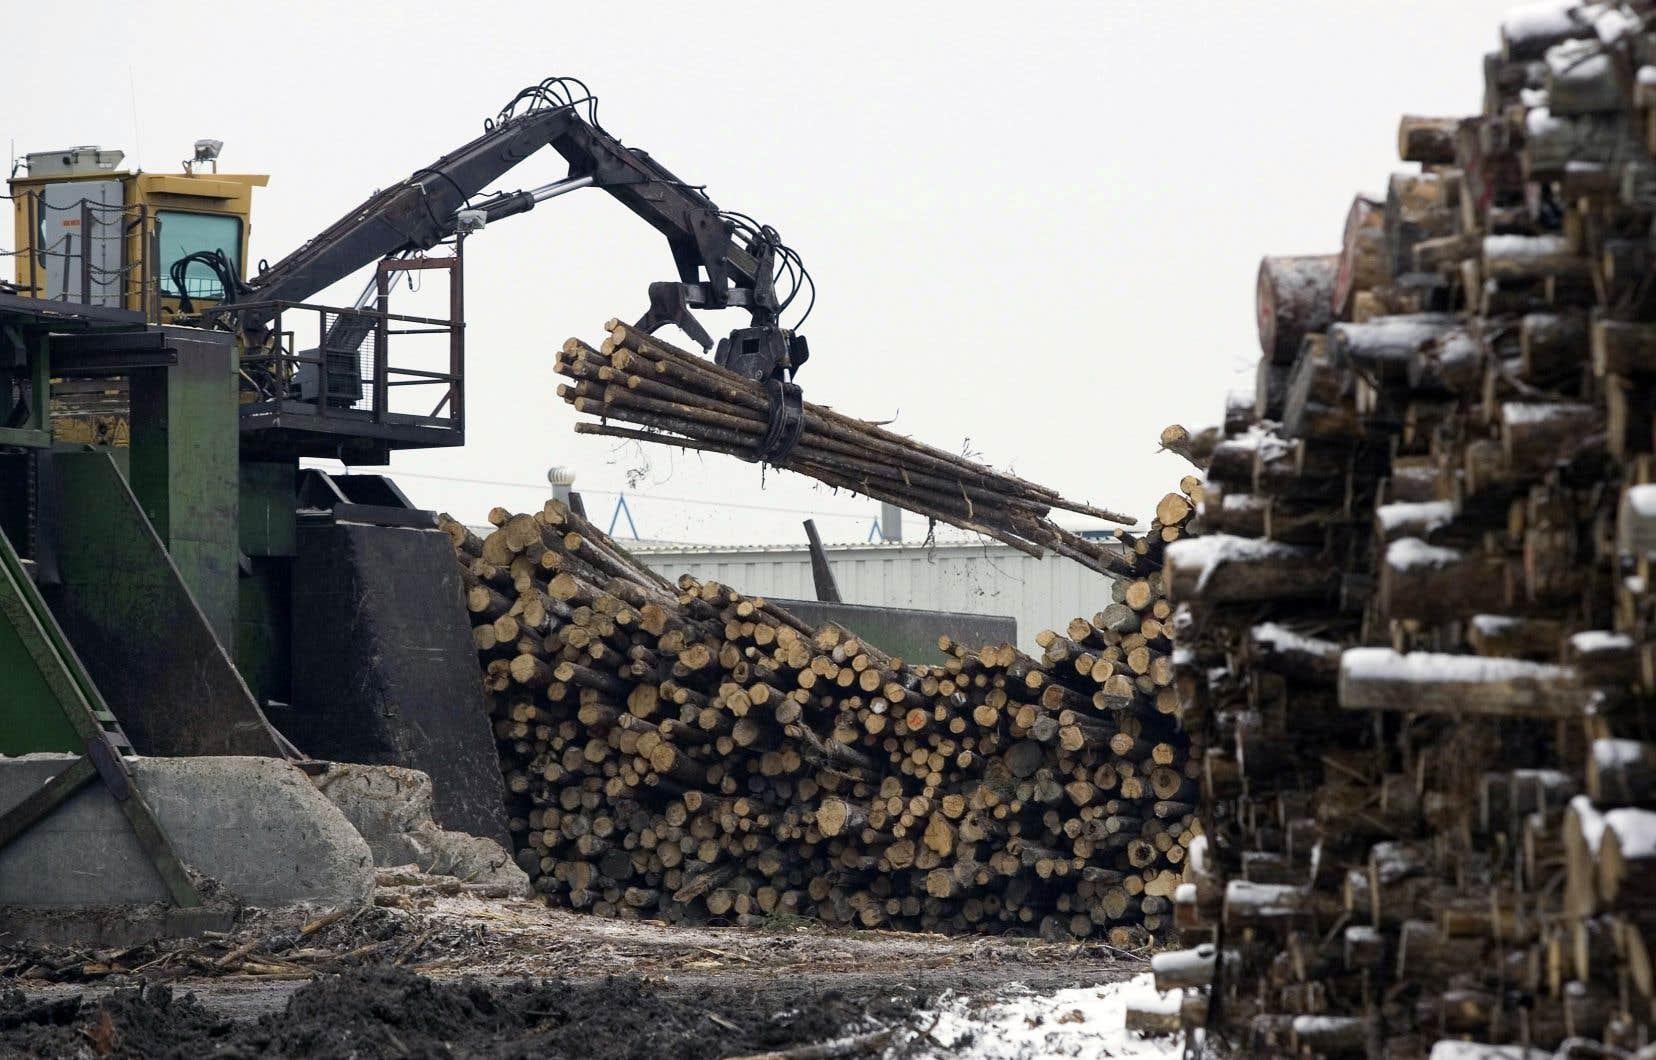 Parmi les industries à risque, on trouve celles directement visées par la rhétorique protectionniste américaine, comme le bois d'œuvre.